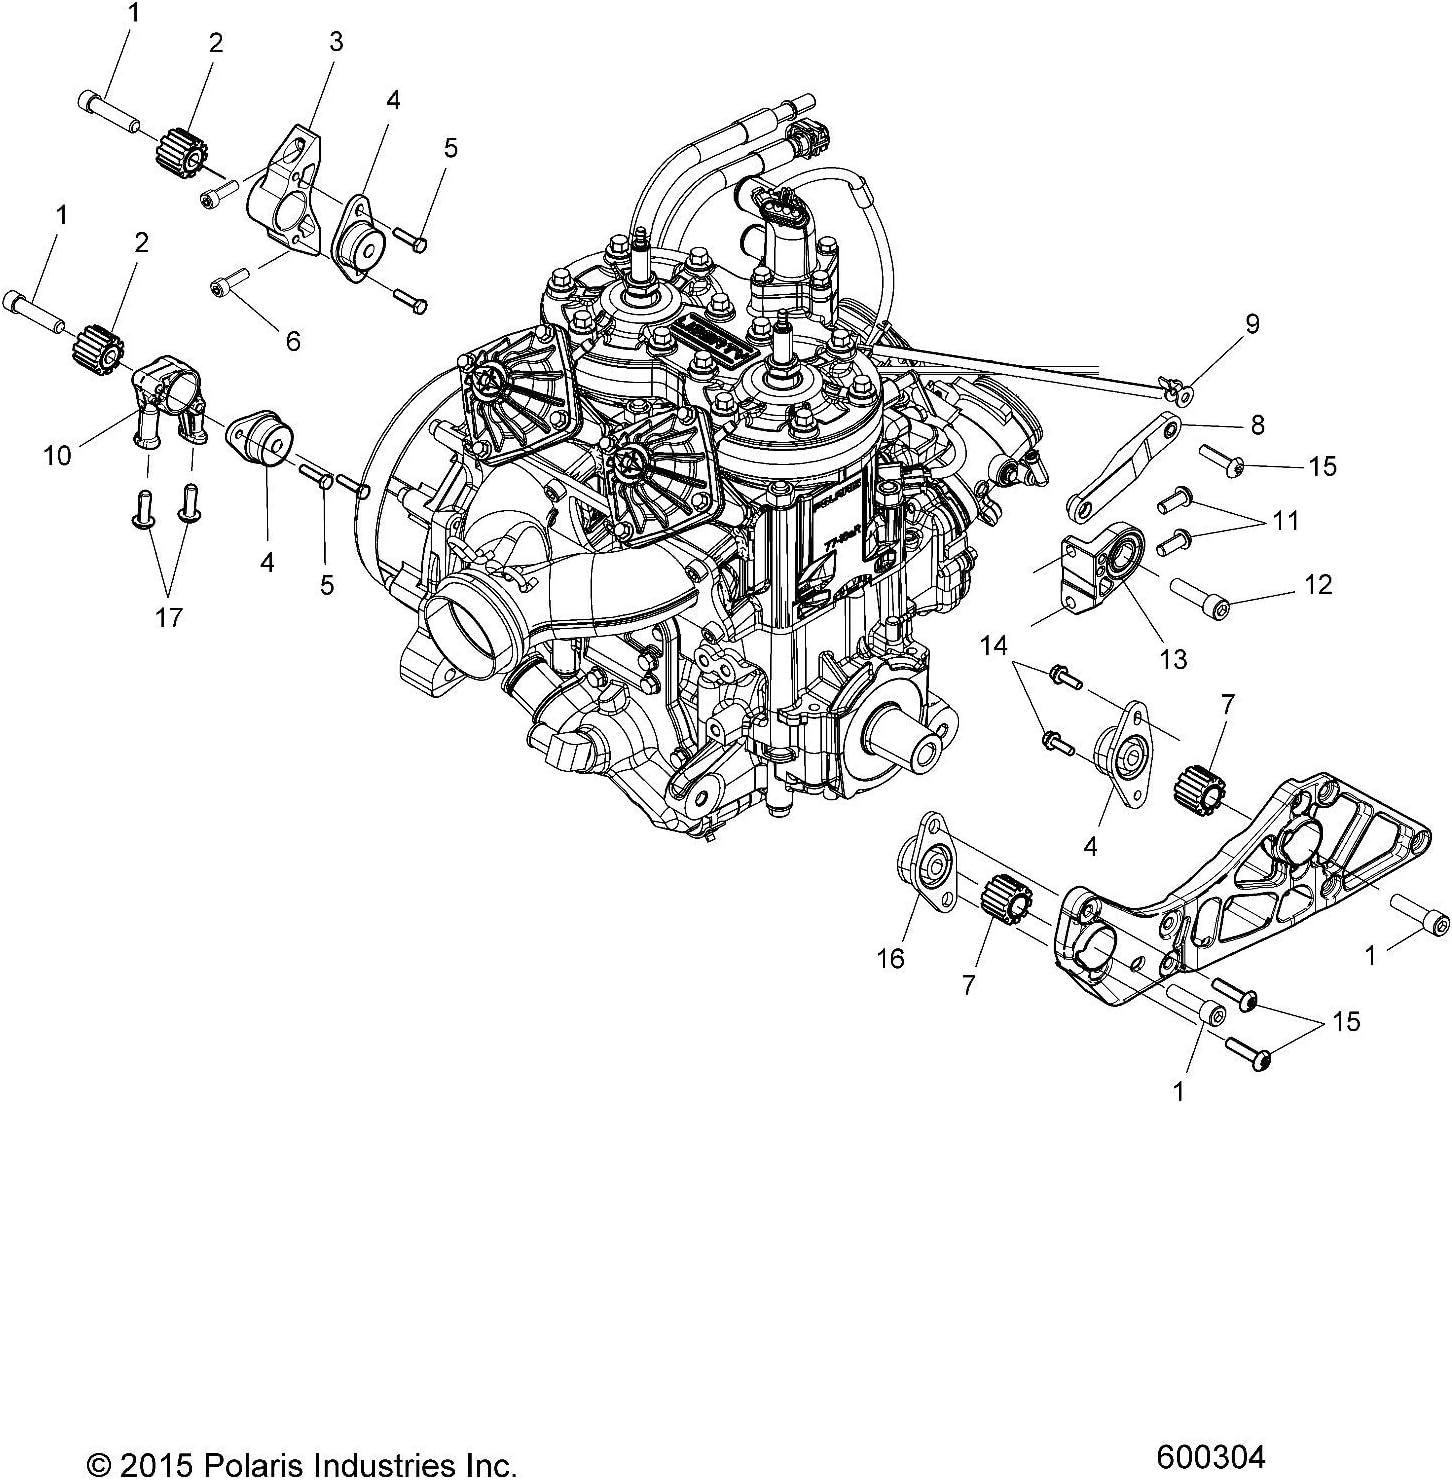 polaris engine diagram amazon com polaris engine mount insert rad mag  genuine oem part  amazon com polaris engine mount insert